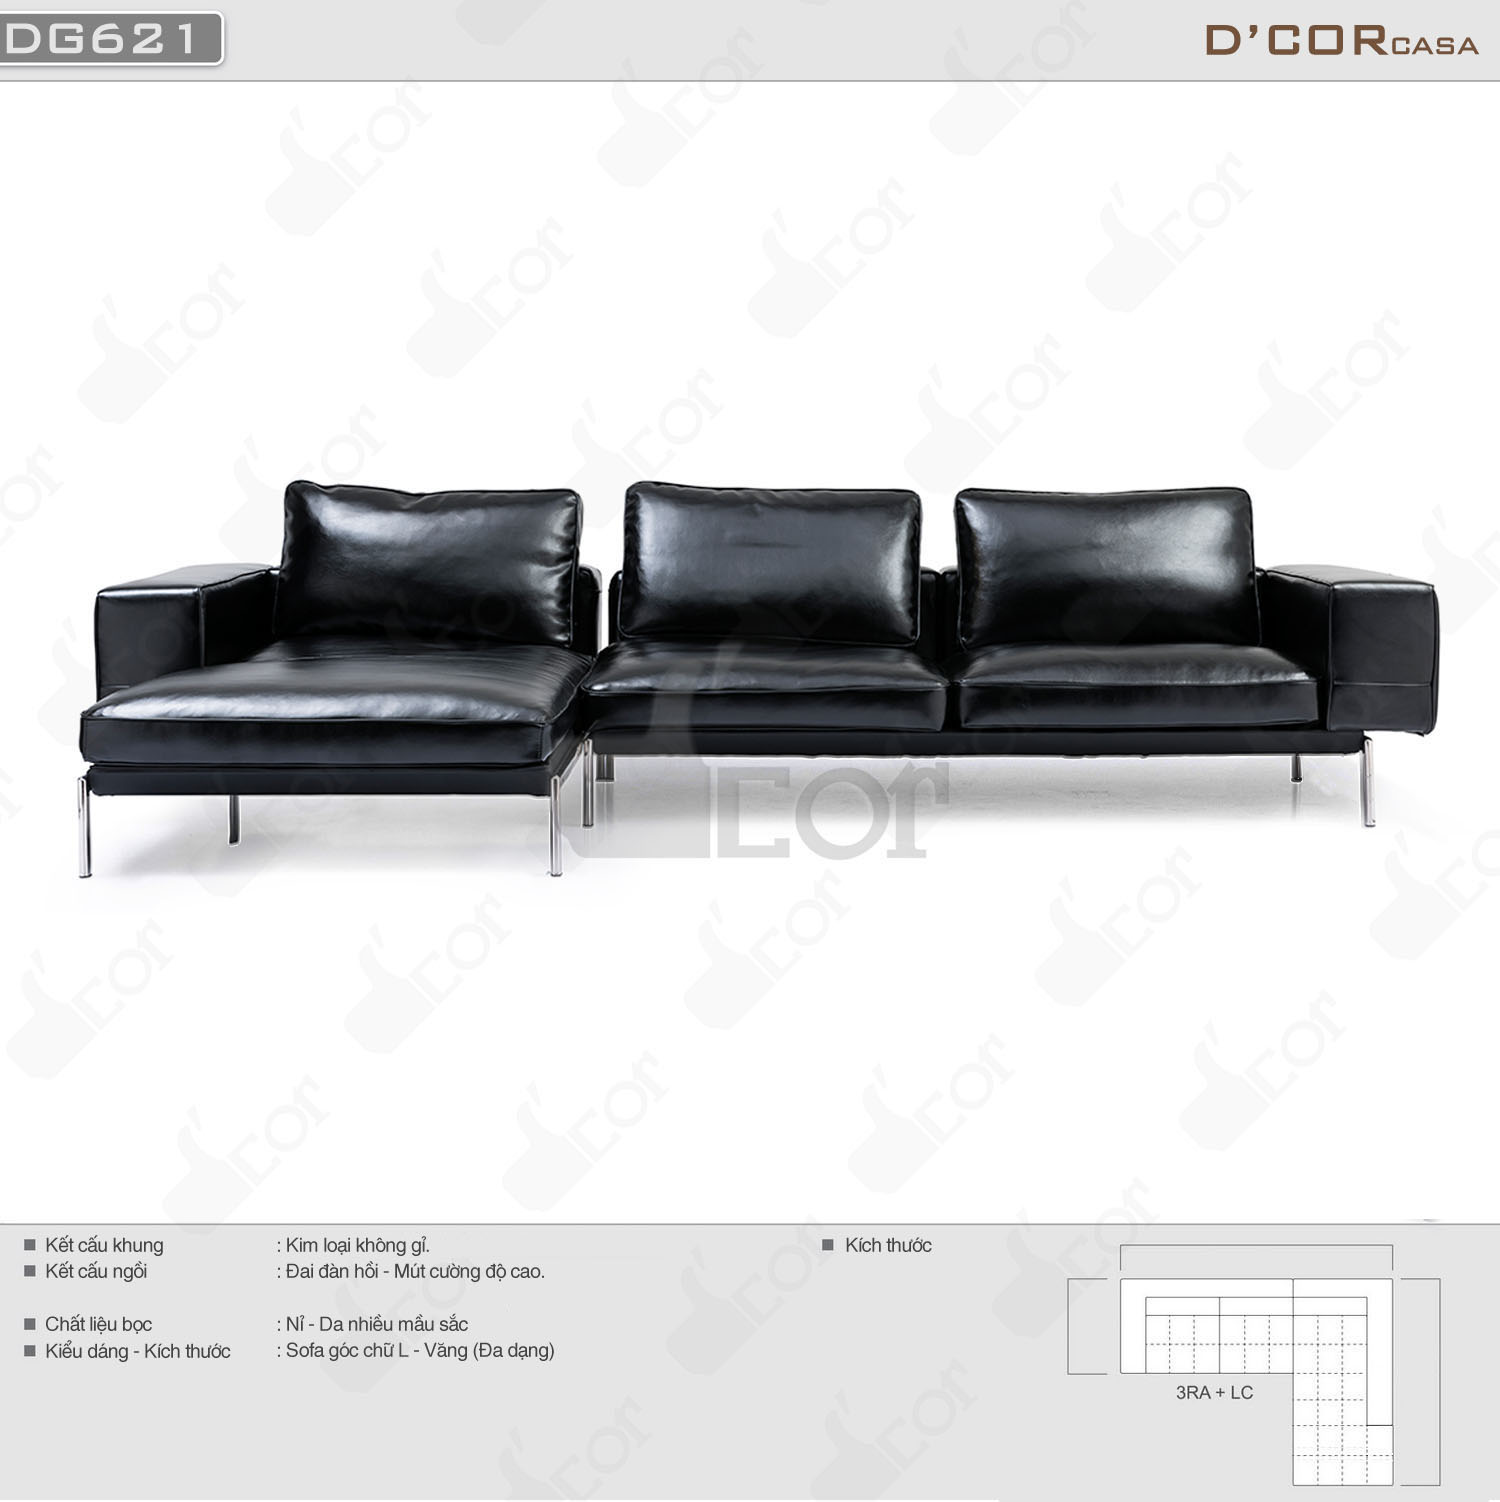 Ngỡ ngàng với siêu phẩm sofa nỉ- da đẹp hiện đại cho mọi không gian phòng khách